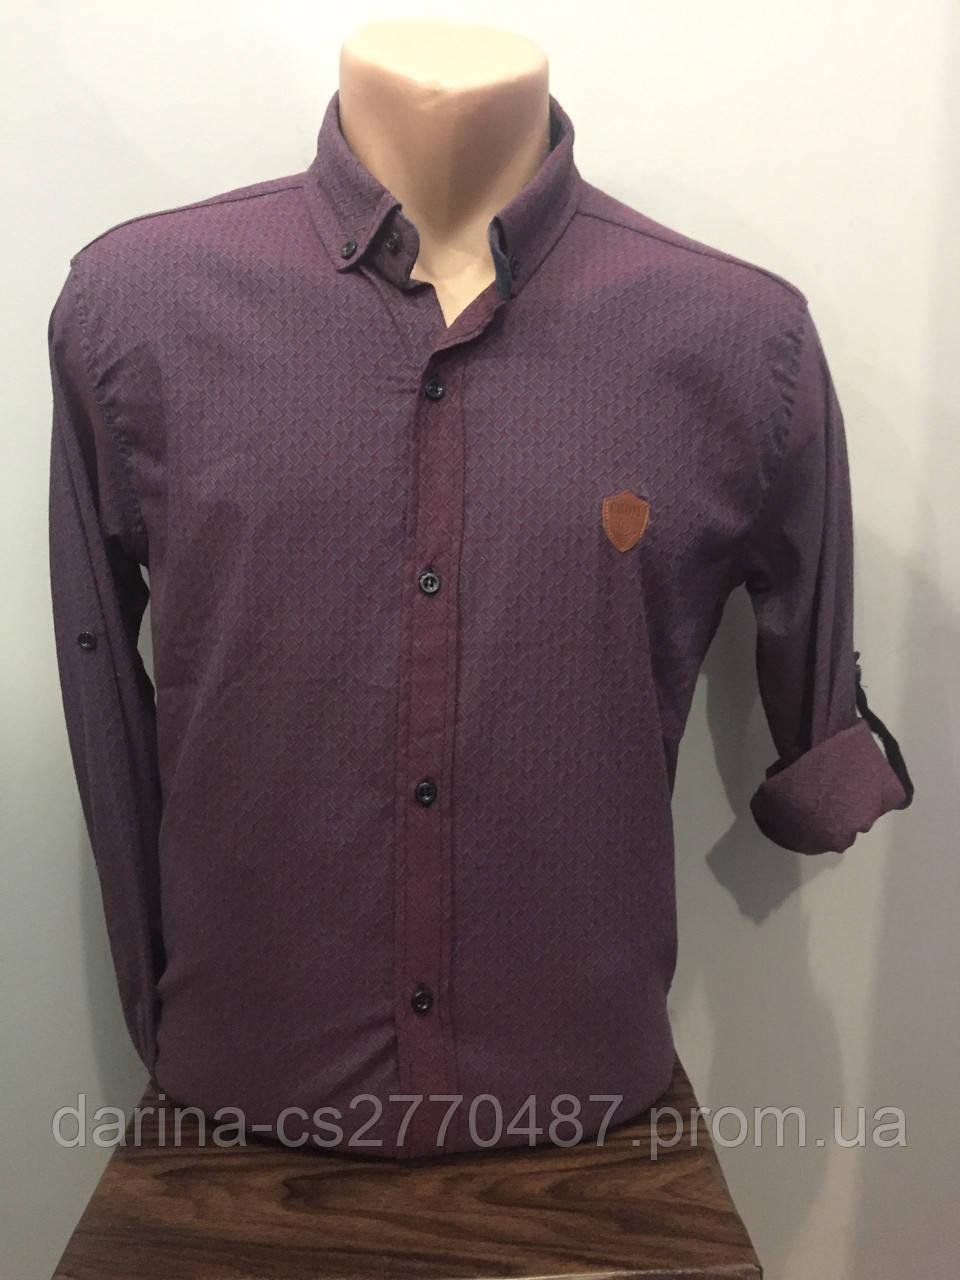 Мужская рубашка в мелкий рисунок на пуговицах S-XL